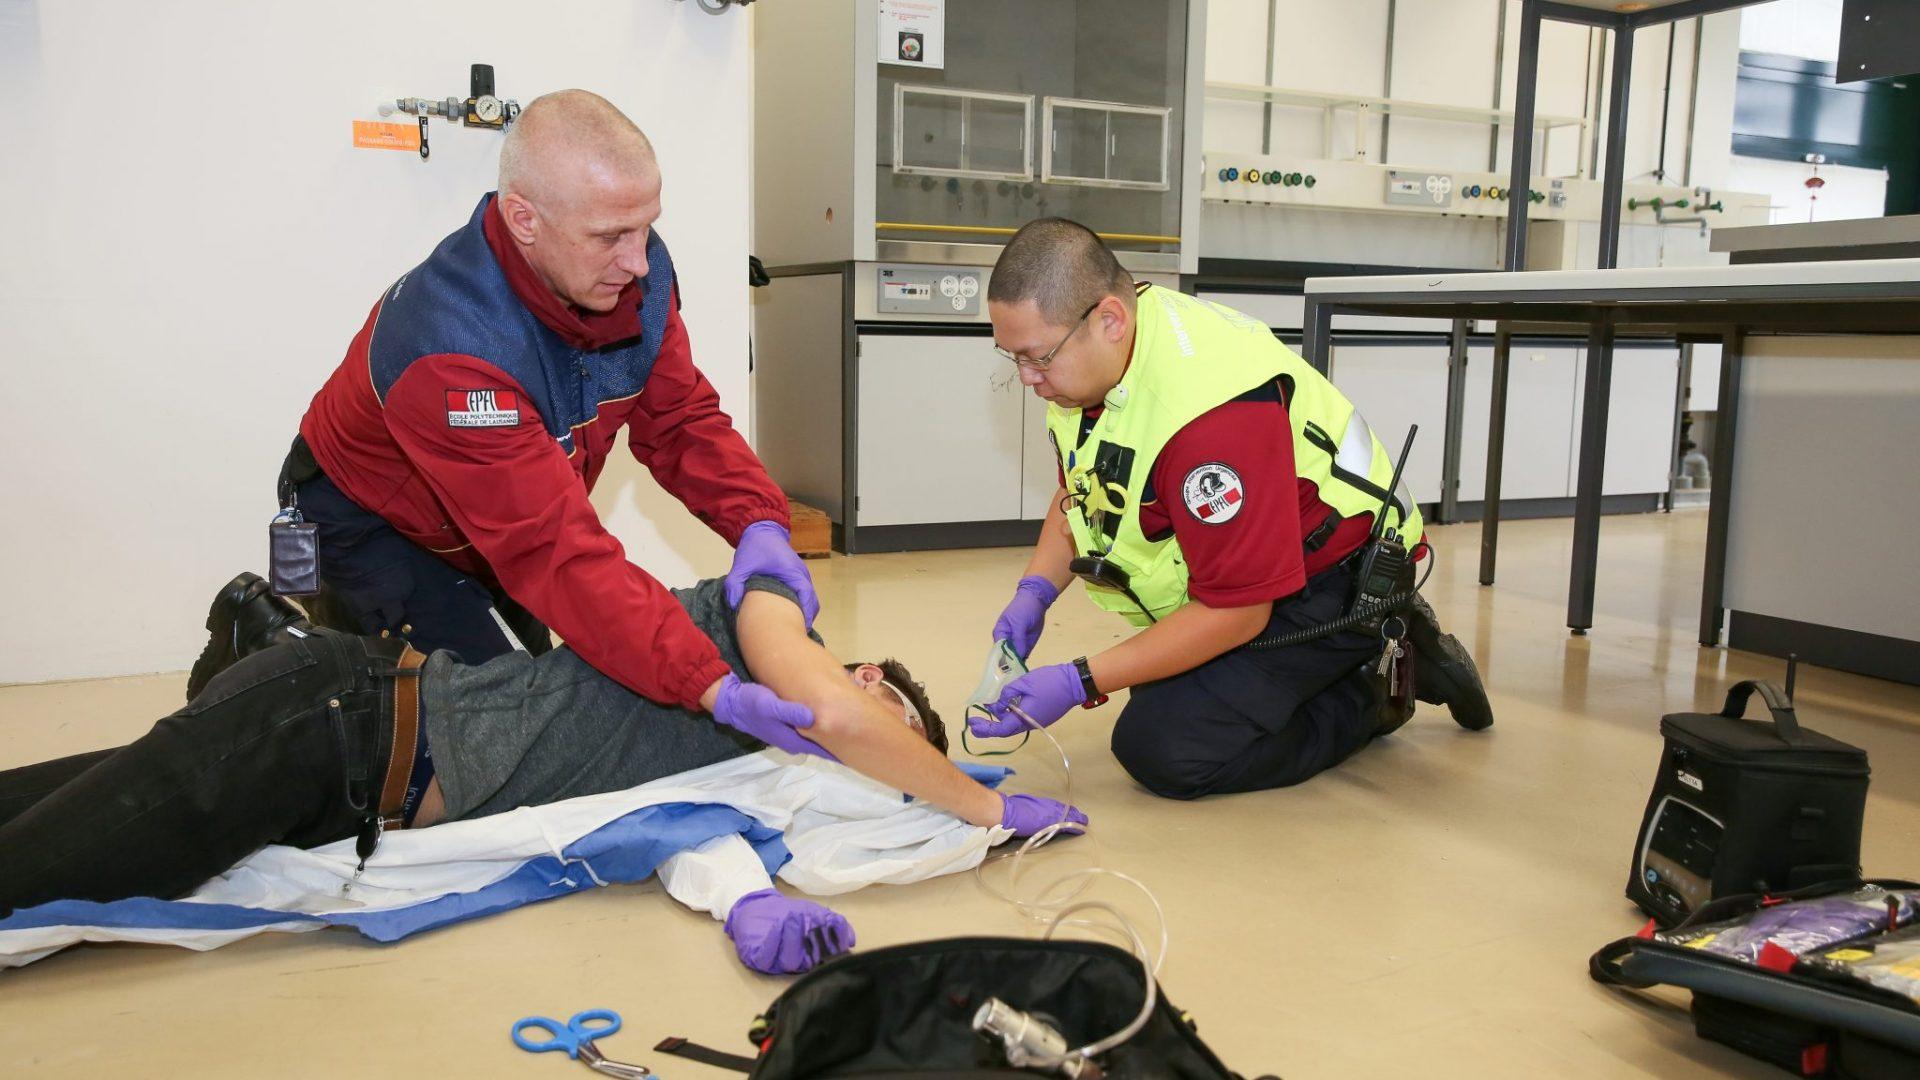 Deux personnes s0occupant d'un blessé à terre